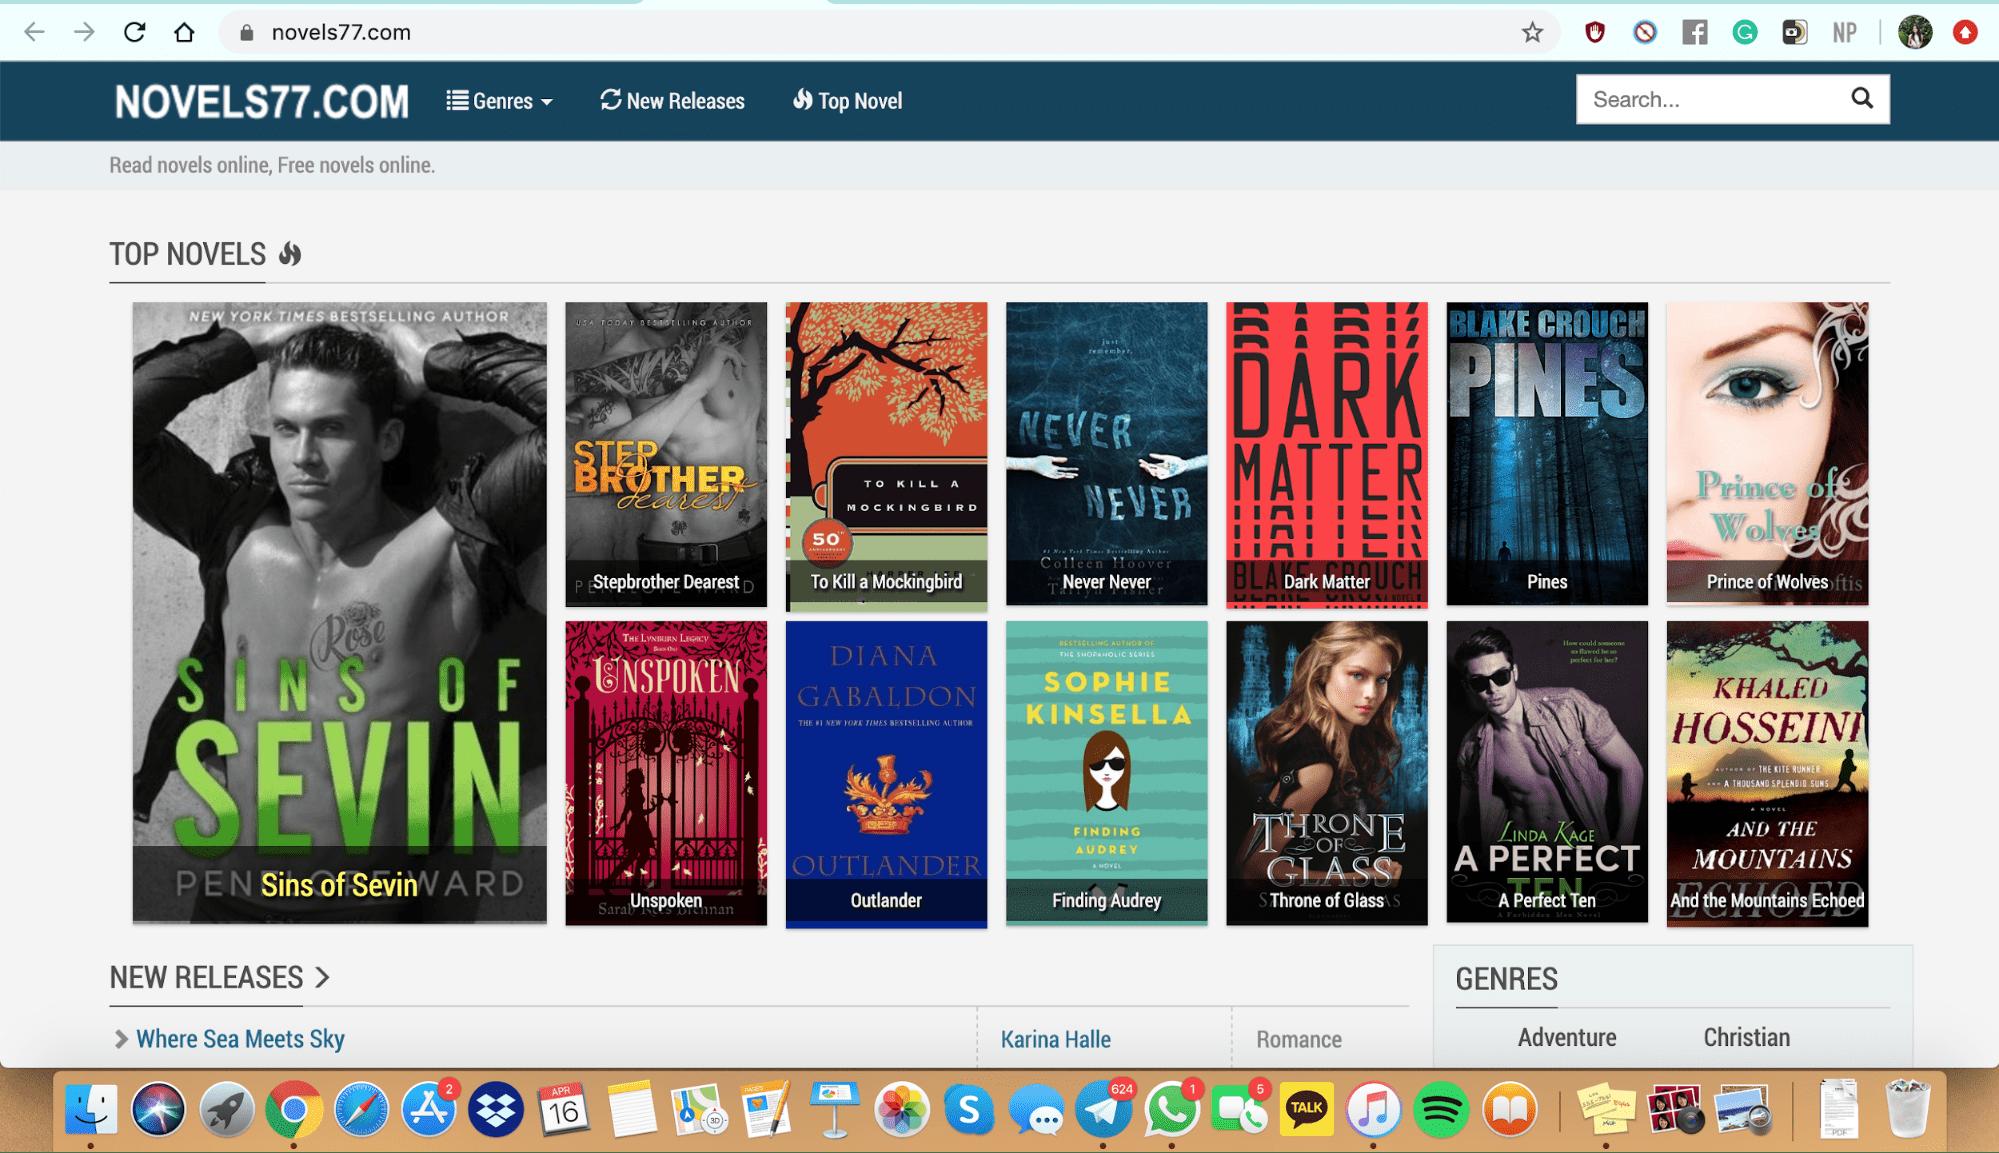 Free online books: Novel77